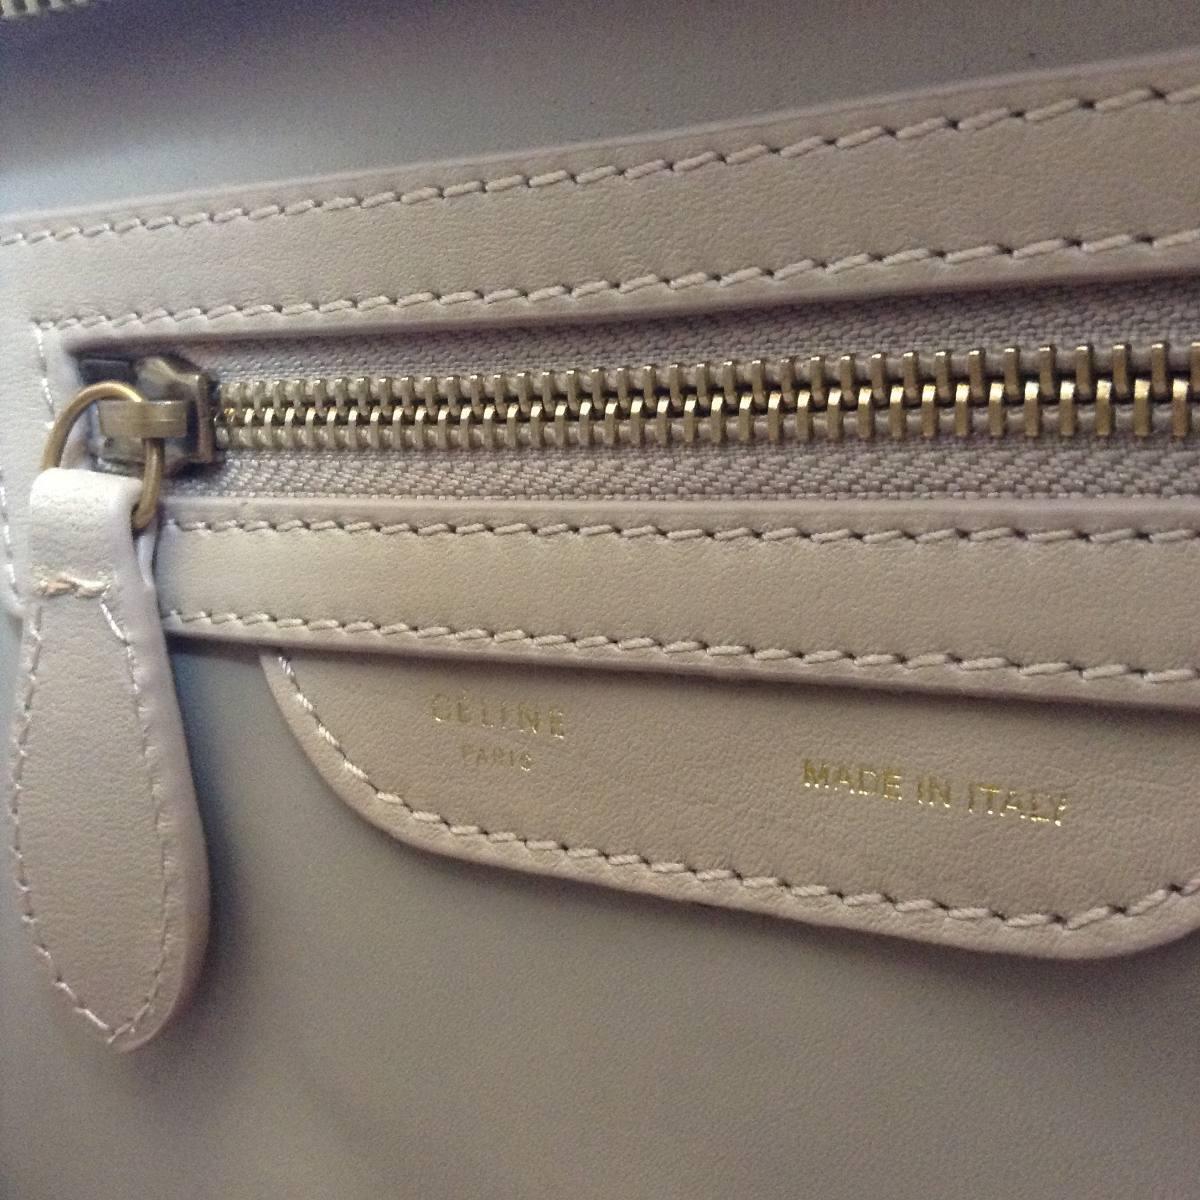 Bolso Celine Luggage Nude - $ 3,800.00 en MercadoLibre